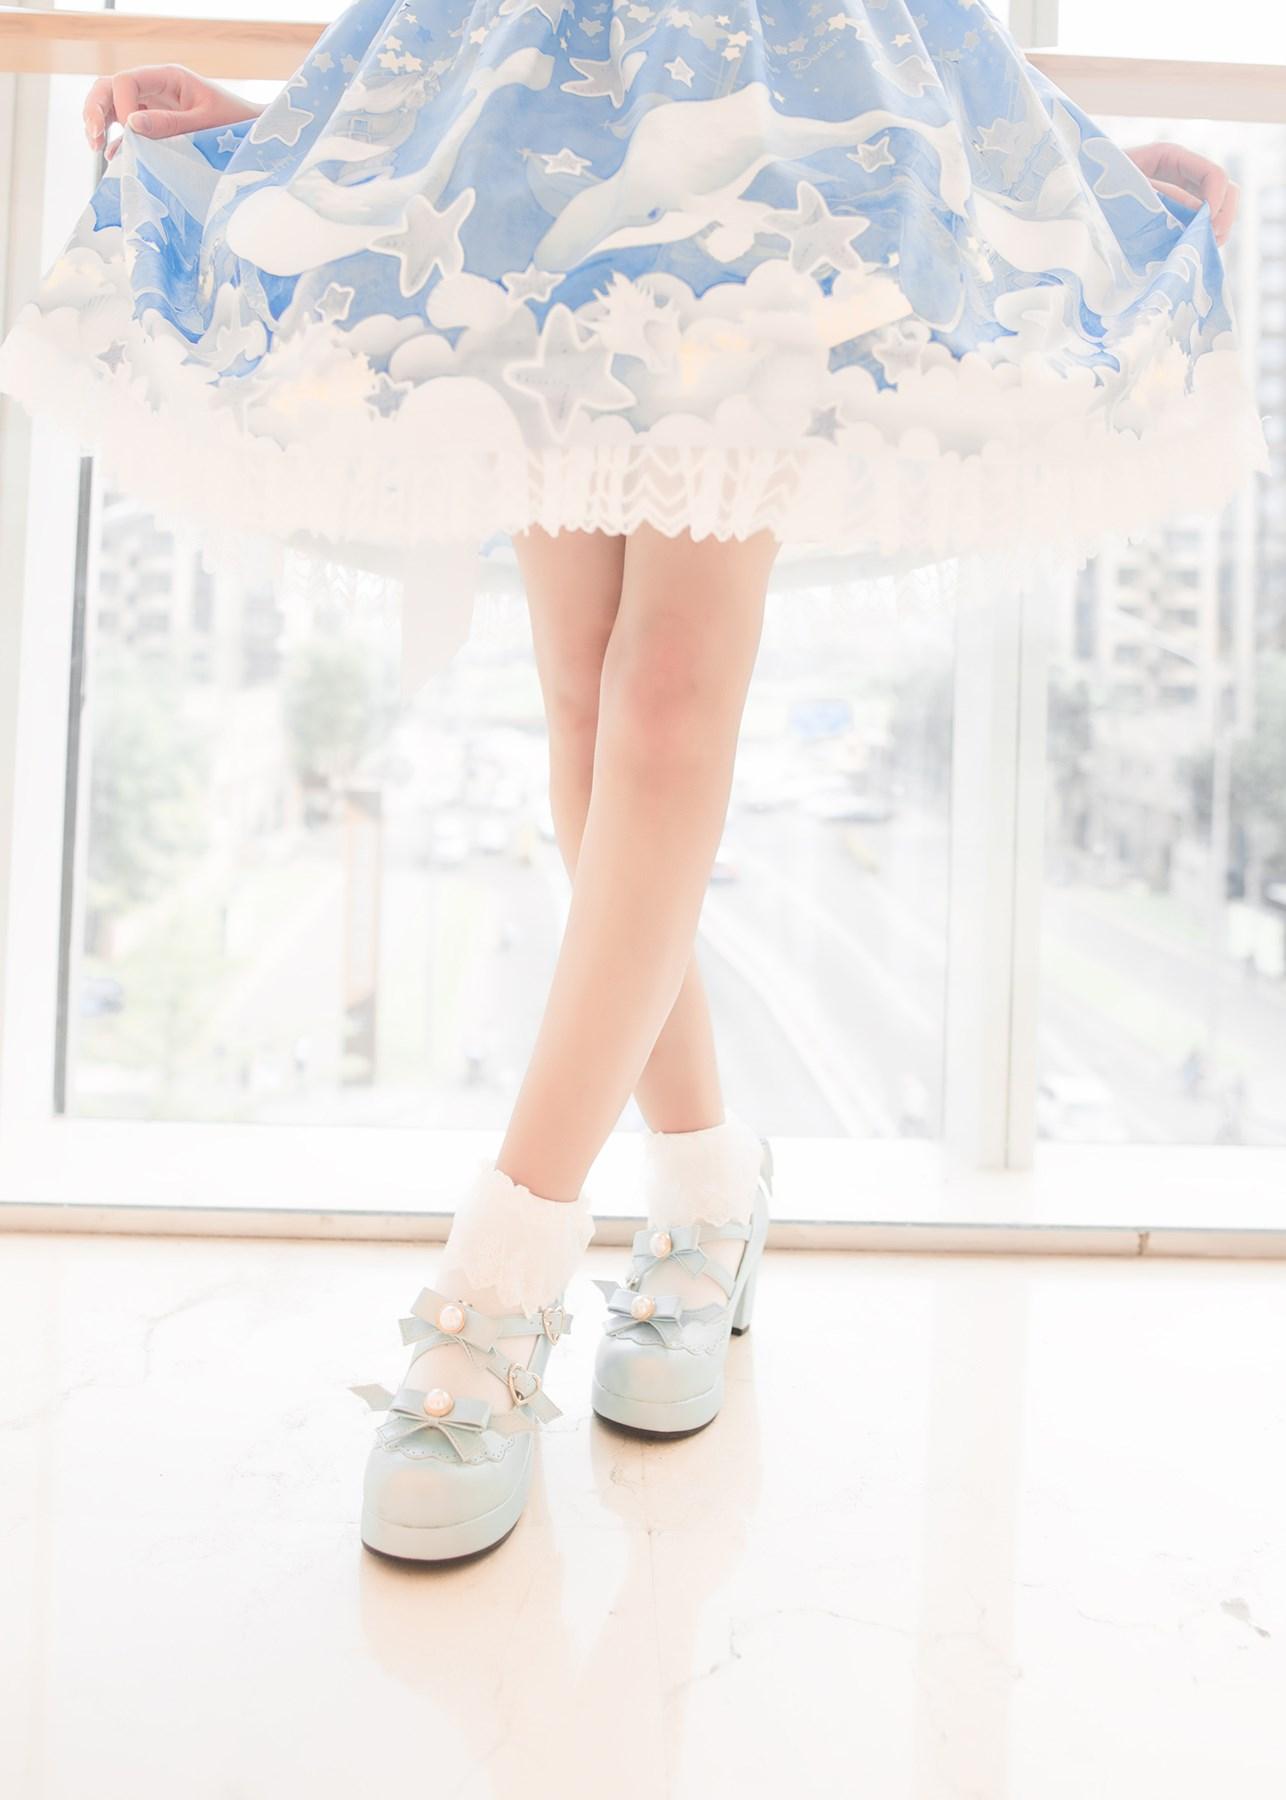 【兔玩映画】蓝色的LO娘 兔玩映画 第69张